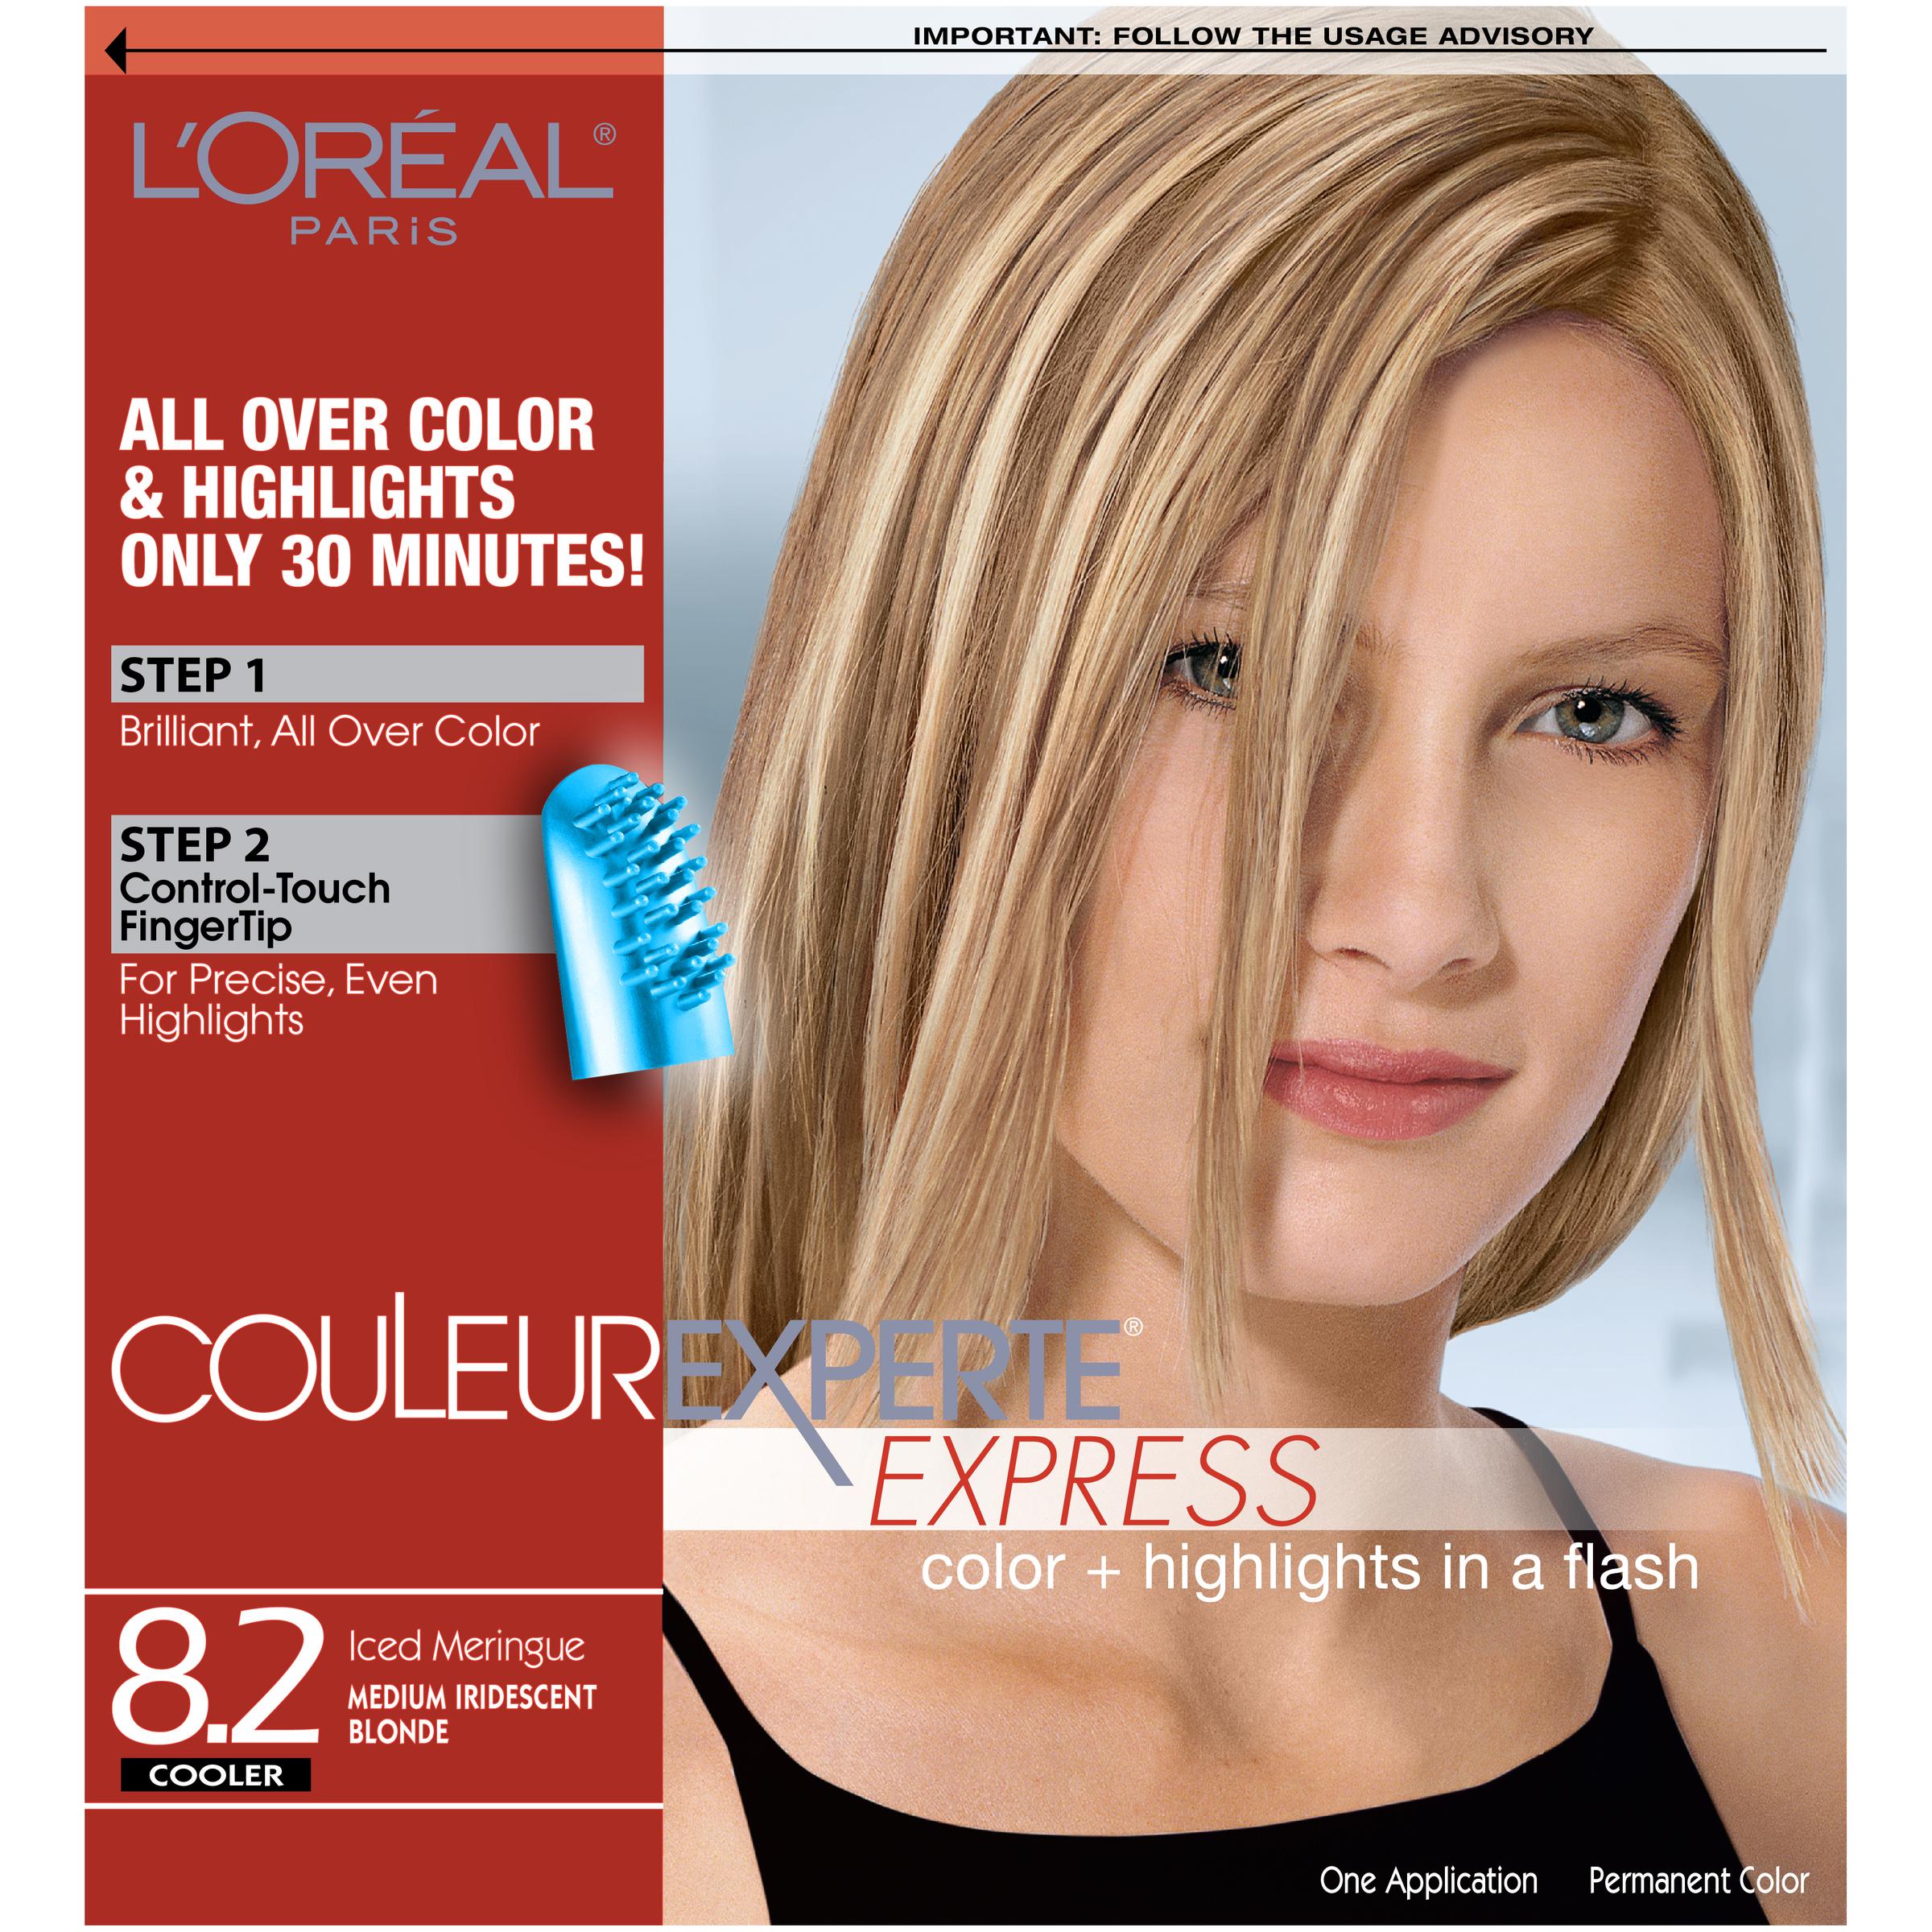 Loral paris couleur experte hair color hair highlights ebay l 039 oreal paris couleur experte hair color pmusecretfo Image collections